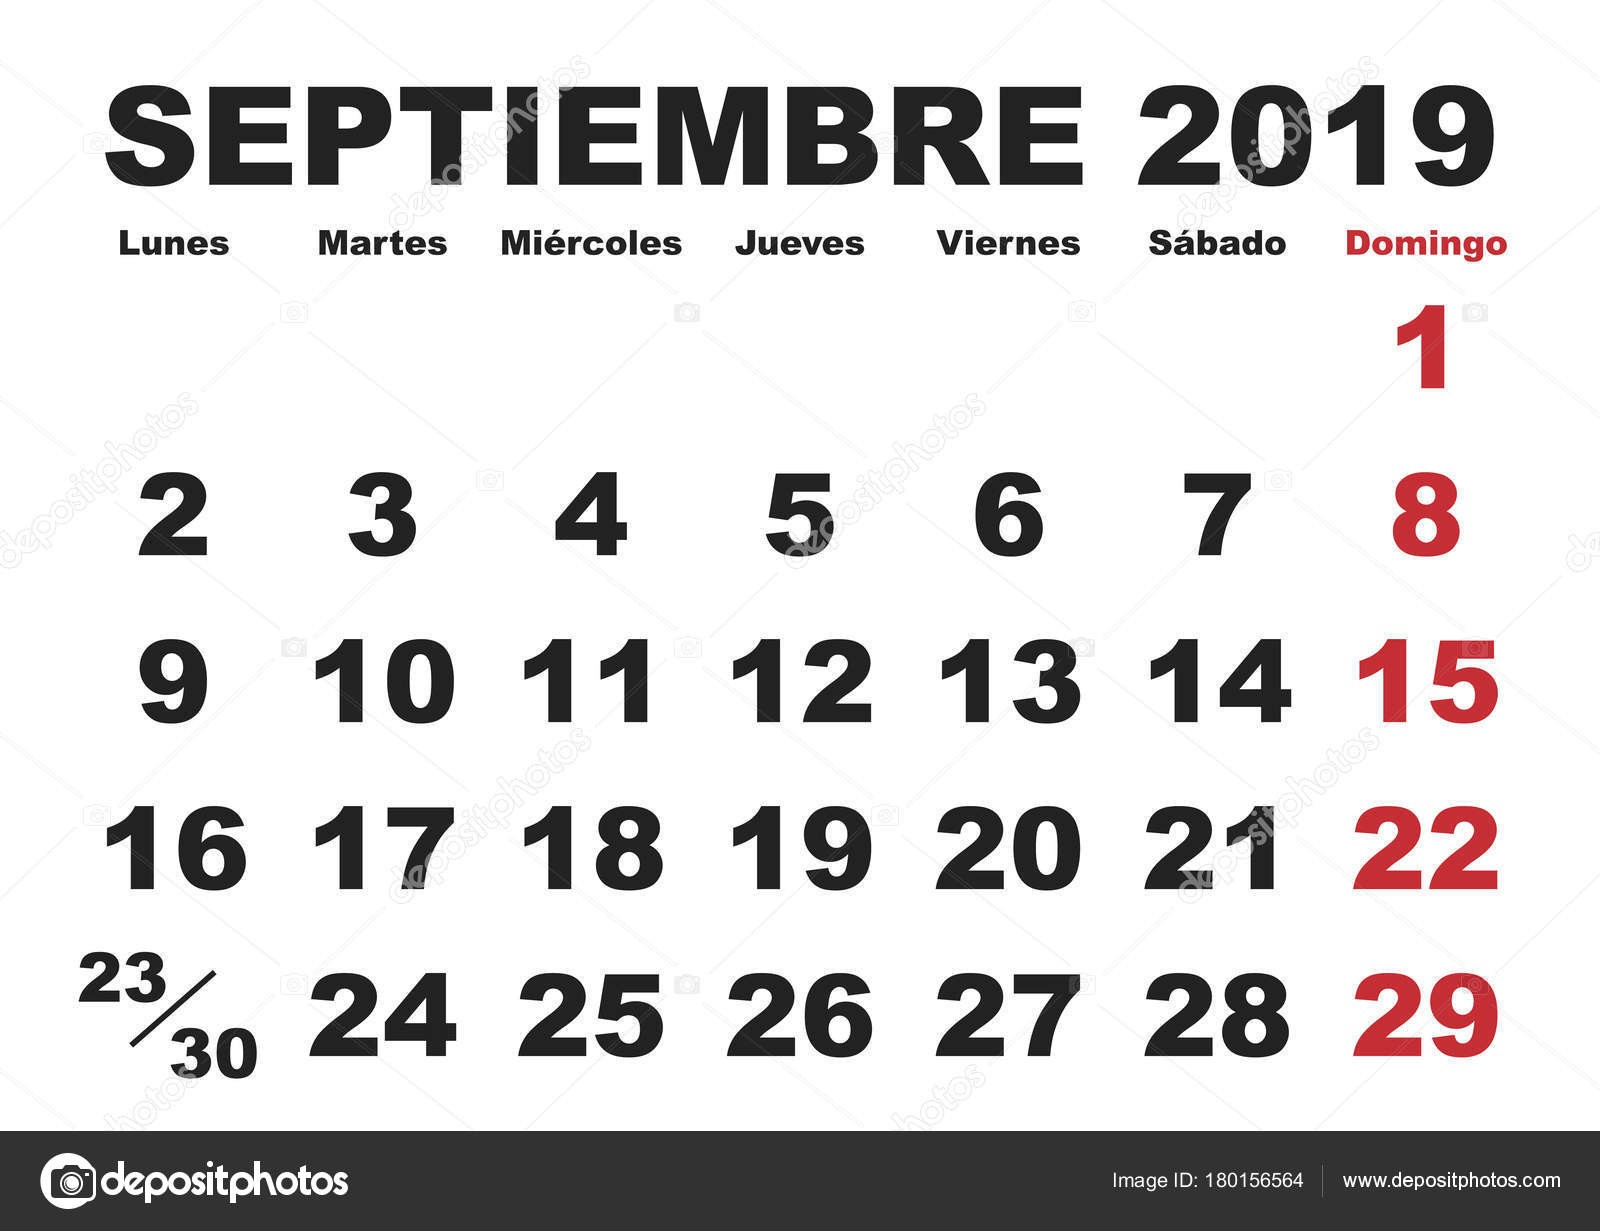 Zář měsc v roce 2019 Nástěnn½ kalendář ve Å¡panělÅ¡tině Septiembre 2019 Calendario 2019 — Vektor od alfonsodetomas